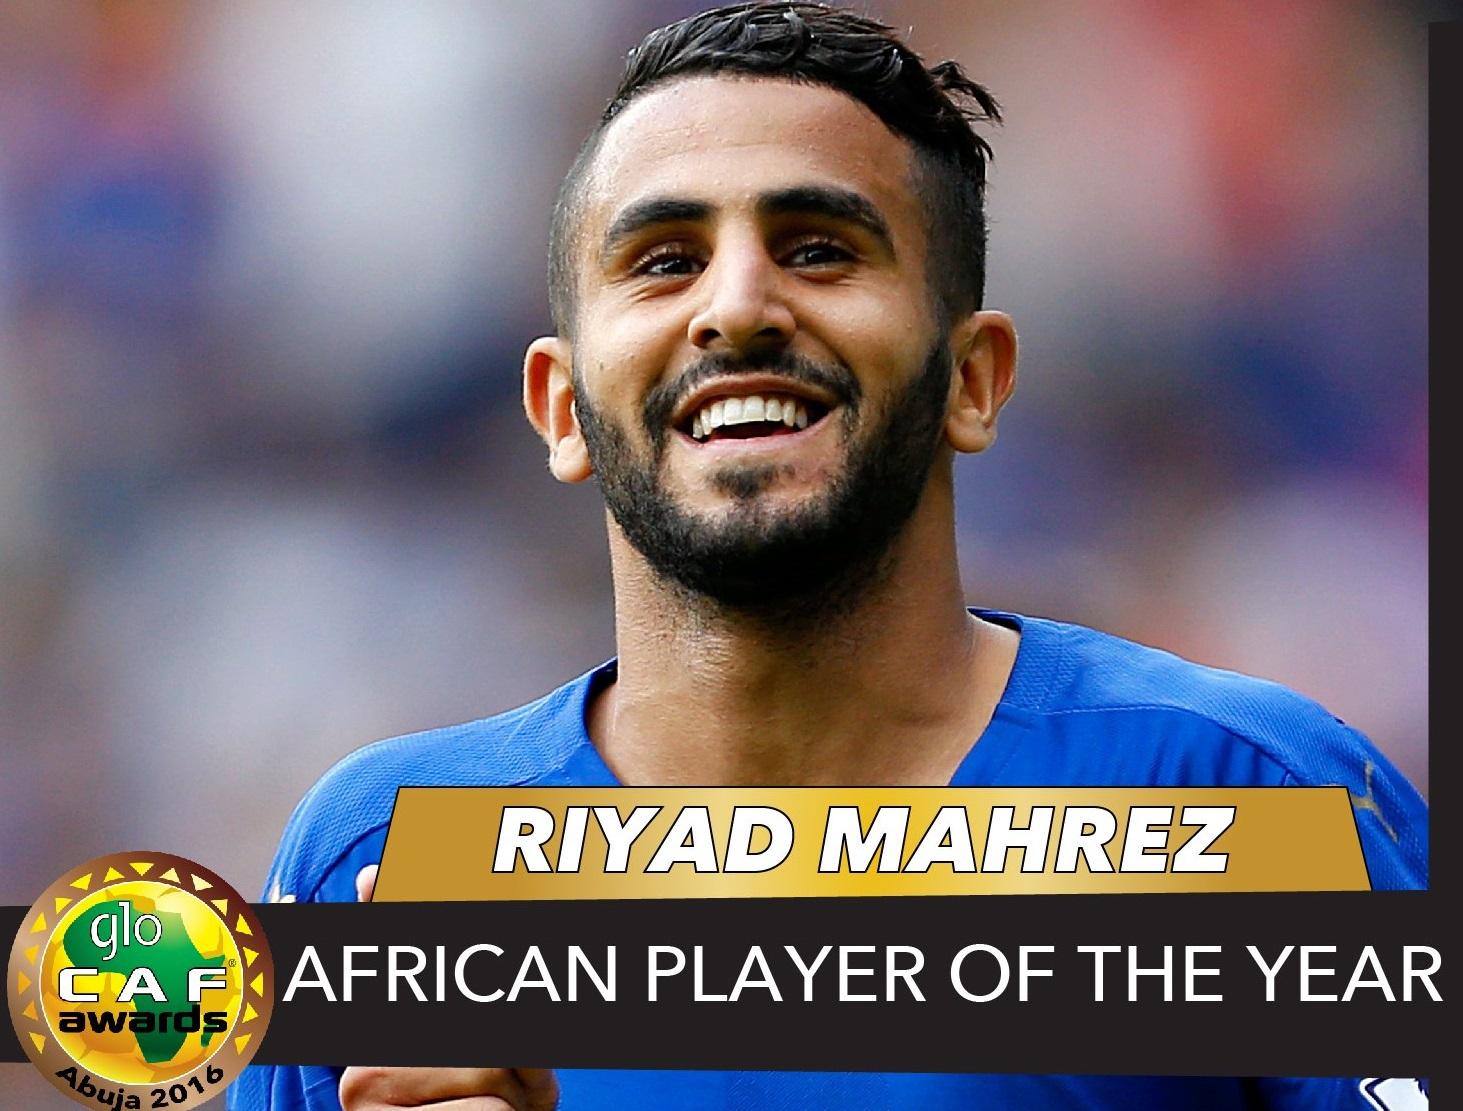 Riyad Mahrez Pemain Terbaik Afrika 2016. Foto via CAF